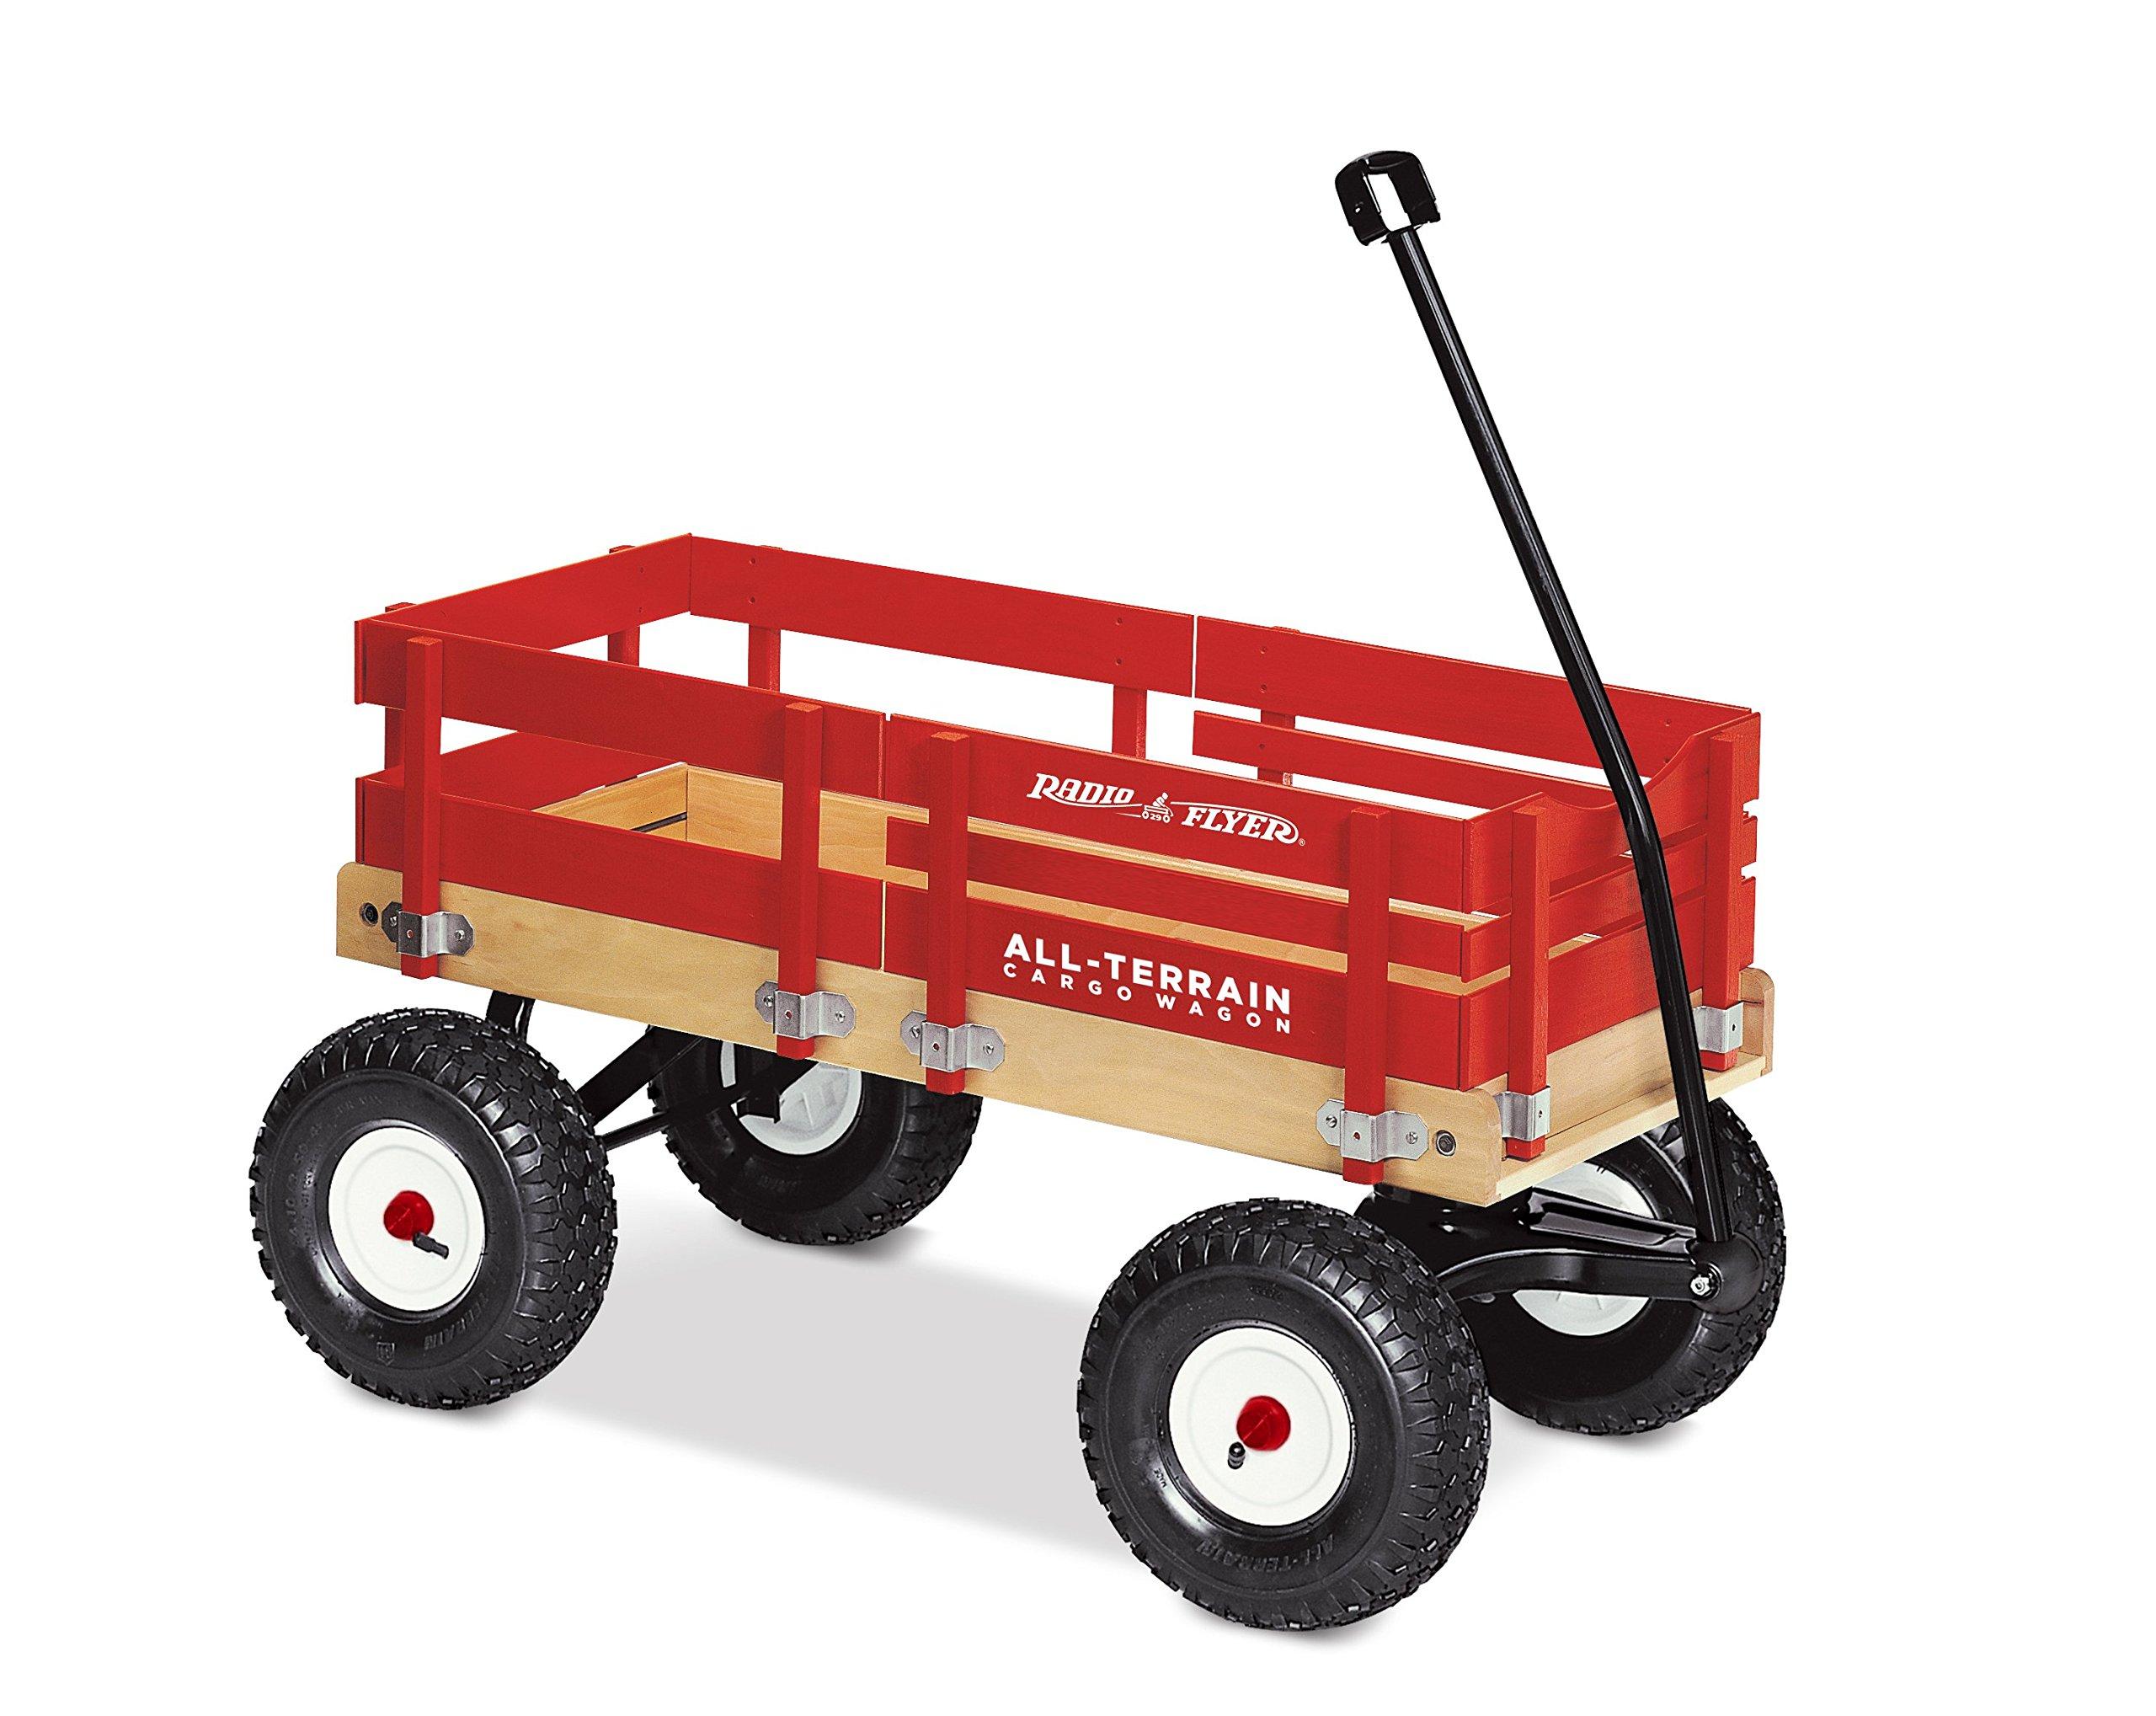 Radio Flyer All-Terrain Cargo Wagon Ride On by Radio Flyer